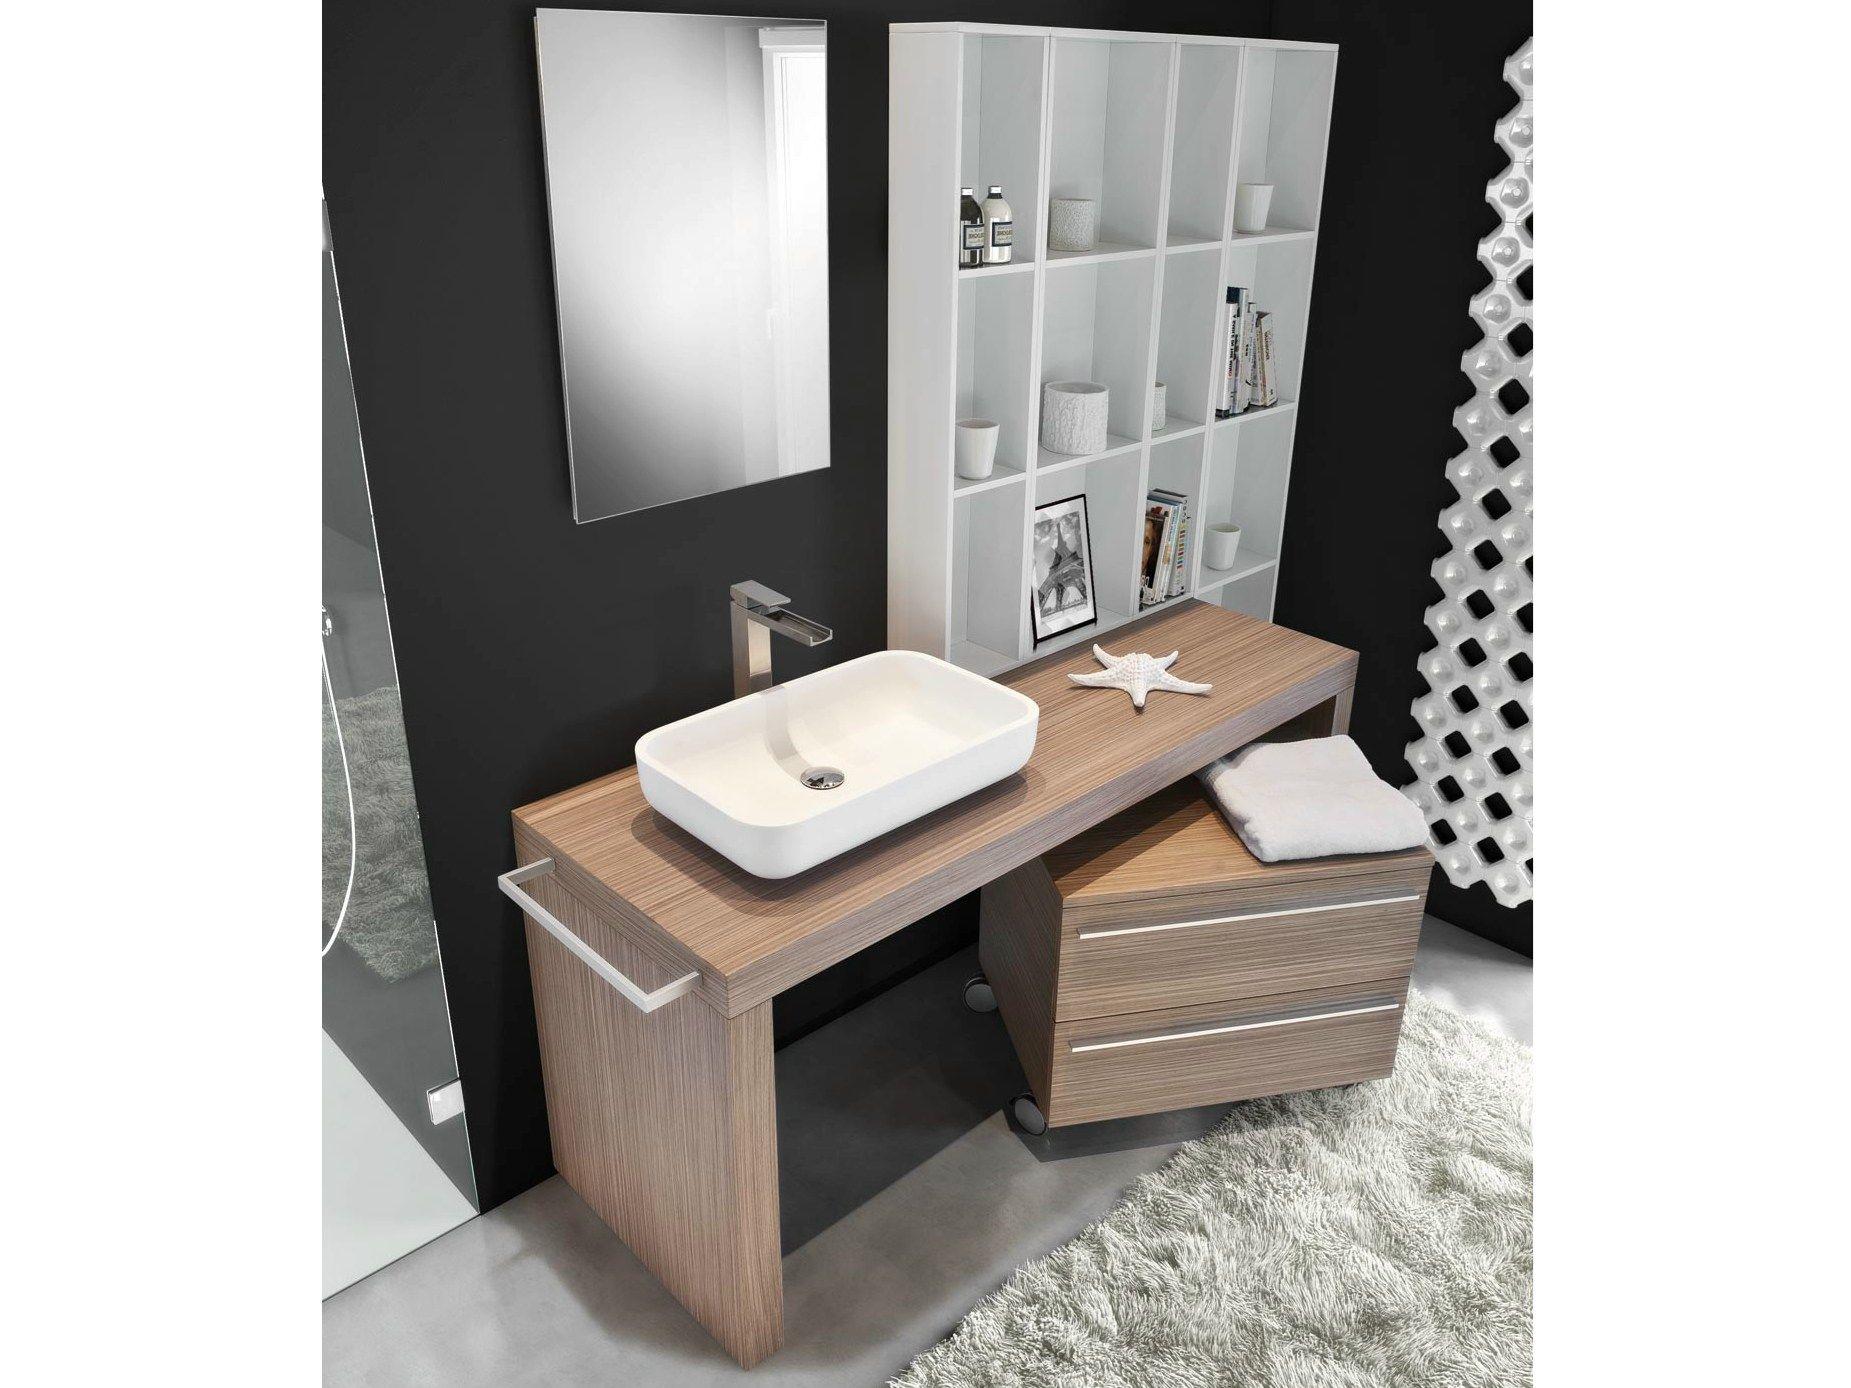 Mariposa 48 meuble sous vasque by lasa idea design massimo - Meuble sous vasque design ...